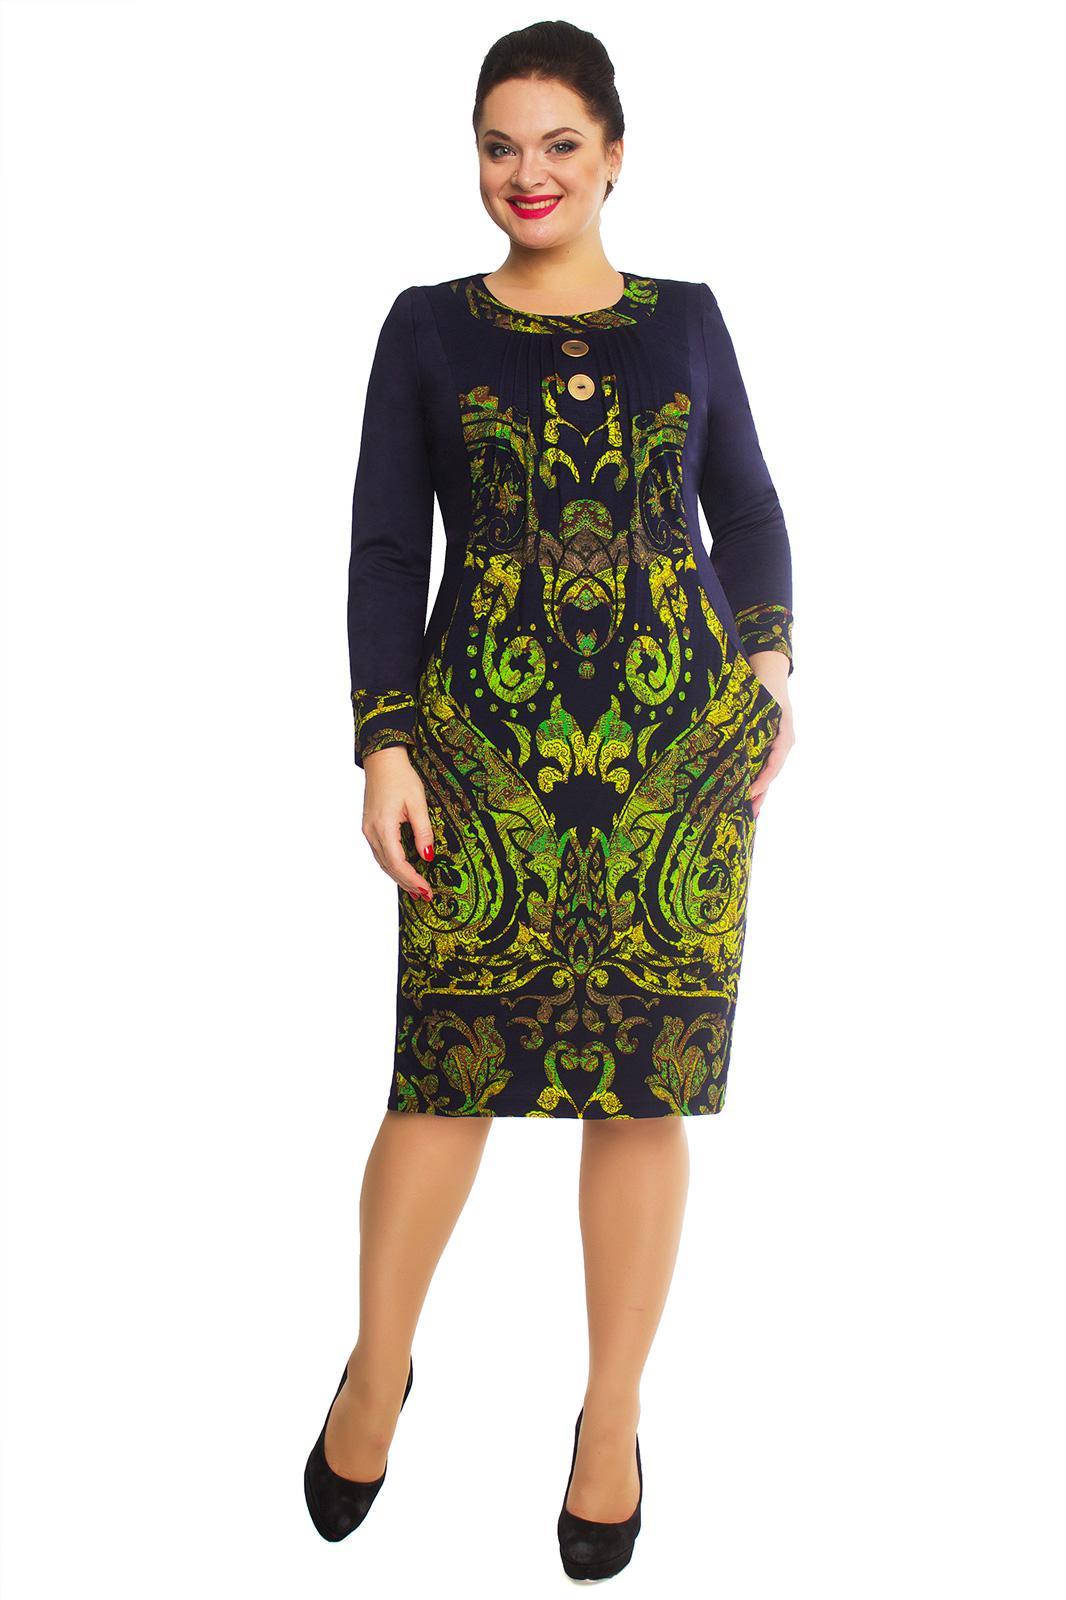 Купить Платье Дали, 2037 синий, Беларусь